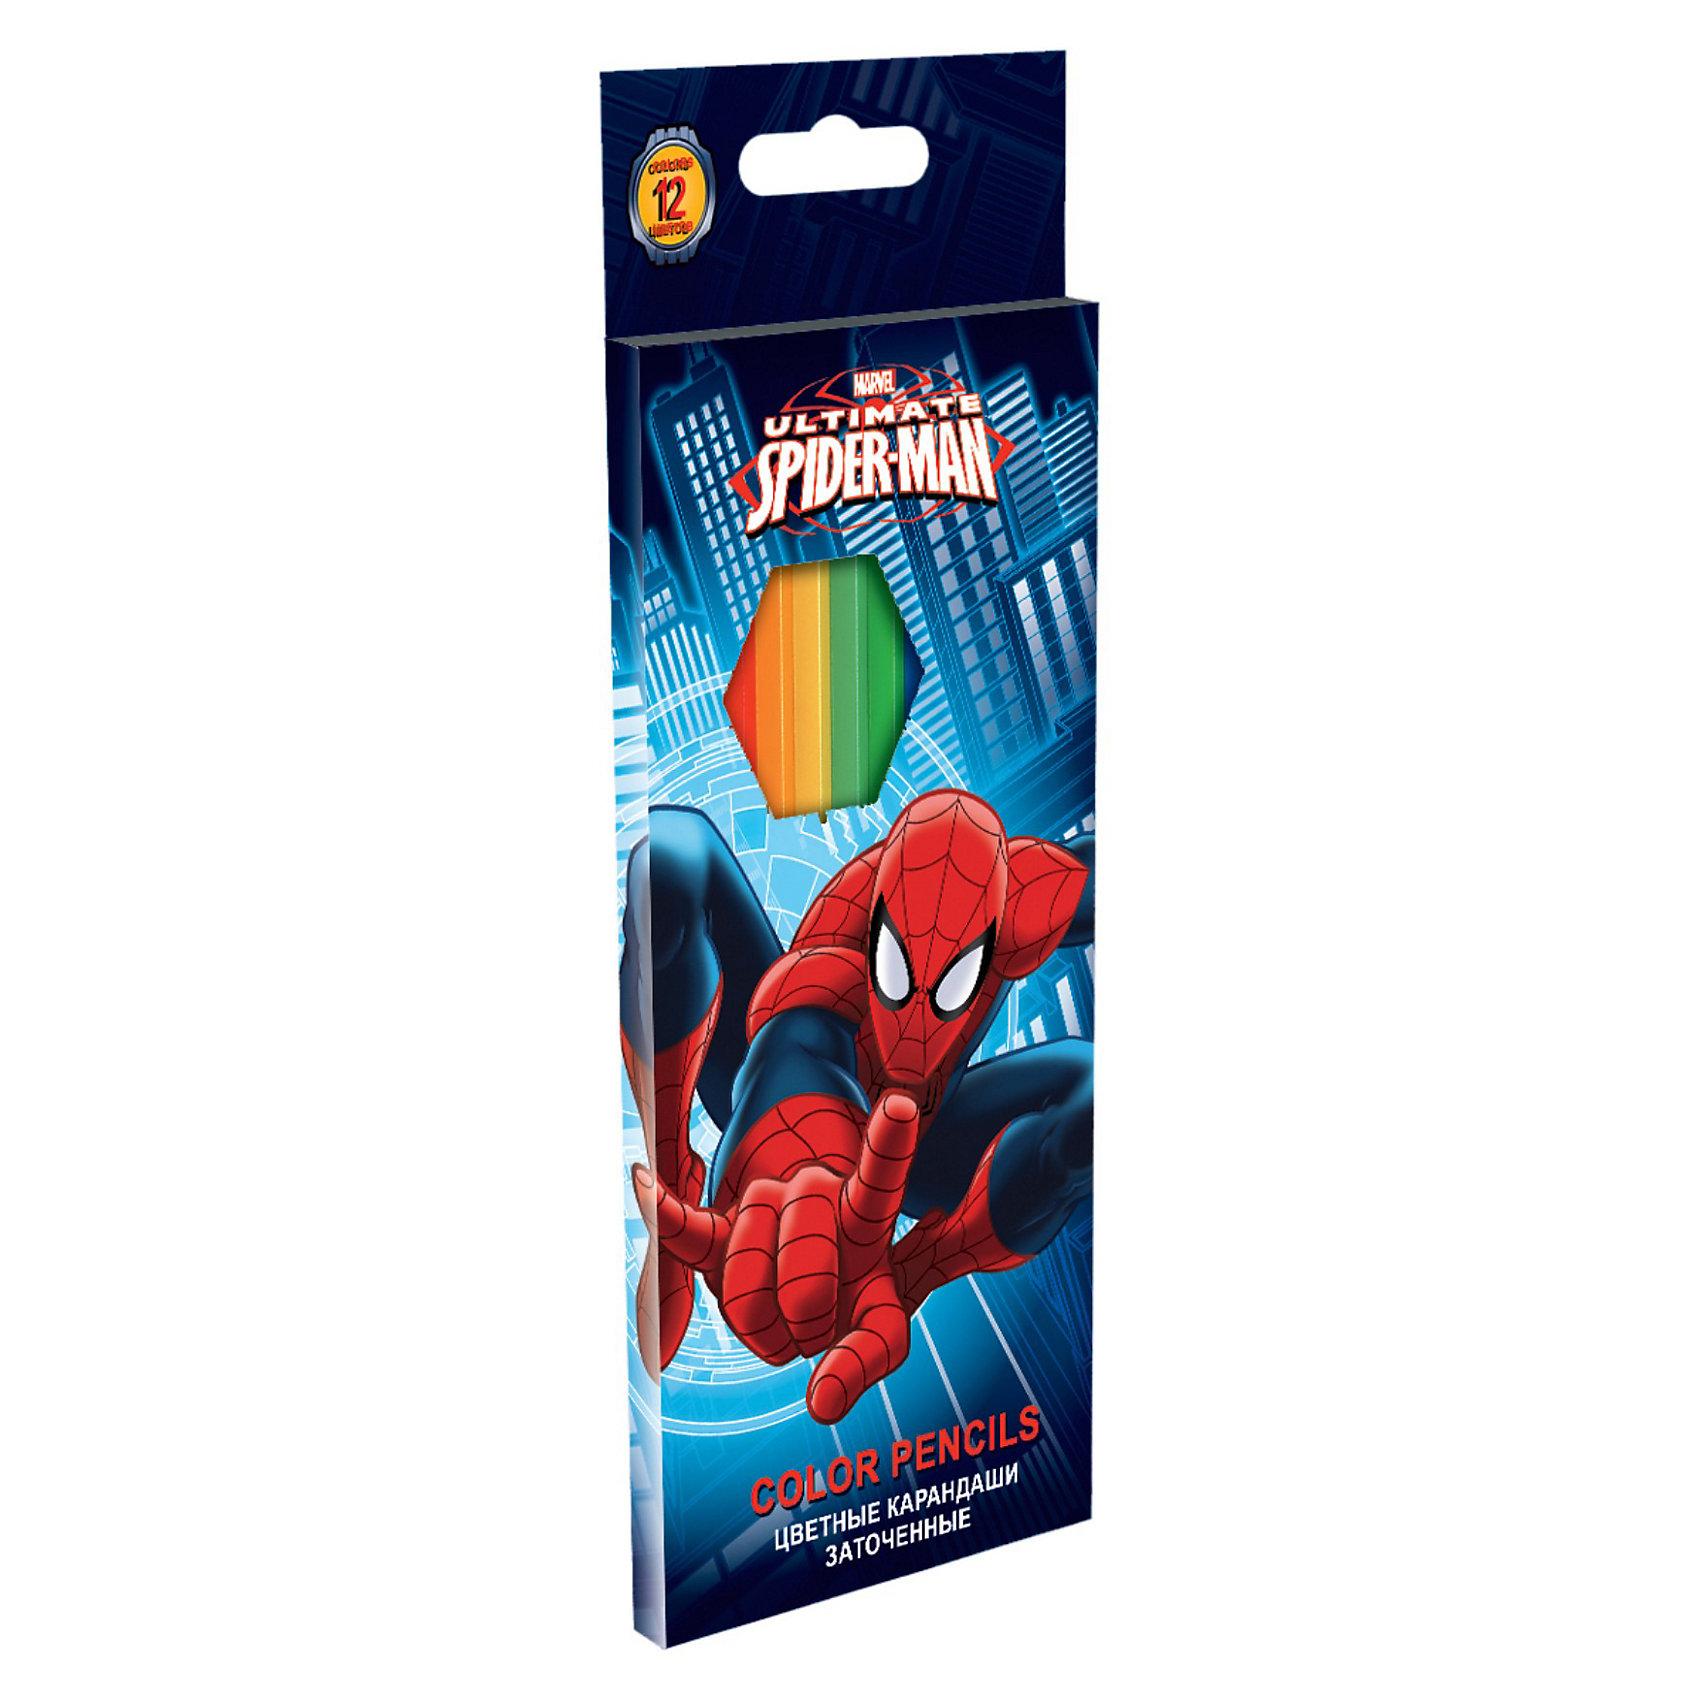 Цветные карандаши, 12 шт, Человек-ПаукНабор цветных карандашей (треугольные), 12 шт с изображением супергероя Чеовека-паука (Spider Man) станет прекрасным помощником Вашему  мальчику в школе!<br><br>Дополнительная информация:<br><br>- цветные карандаши длиной 17,8 см.<br>- заточенные; <br>- дерево - липа; <br>- цветной грифель 2,65 мм.<br><br>Станет прекрасным помощником любому школьнику!<br><br>Цветные карандаши, 12 шт, Человек-паук можно купить в нашем магазине.<br><br>Ширина мм: 215<br>Глубина мм: 90<br>Высота мм: 10<br>Вес г: 150<br>Возраст от месяцев: 48<br>Возраст до месяцев: 84<br>Пол: Мужской<br>Возраст: Детский<br>SKU: 3563008